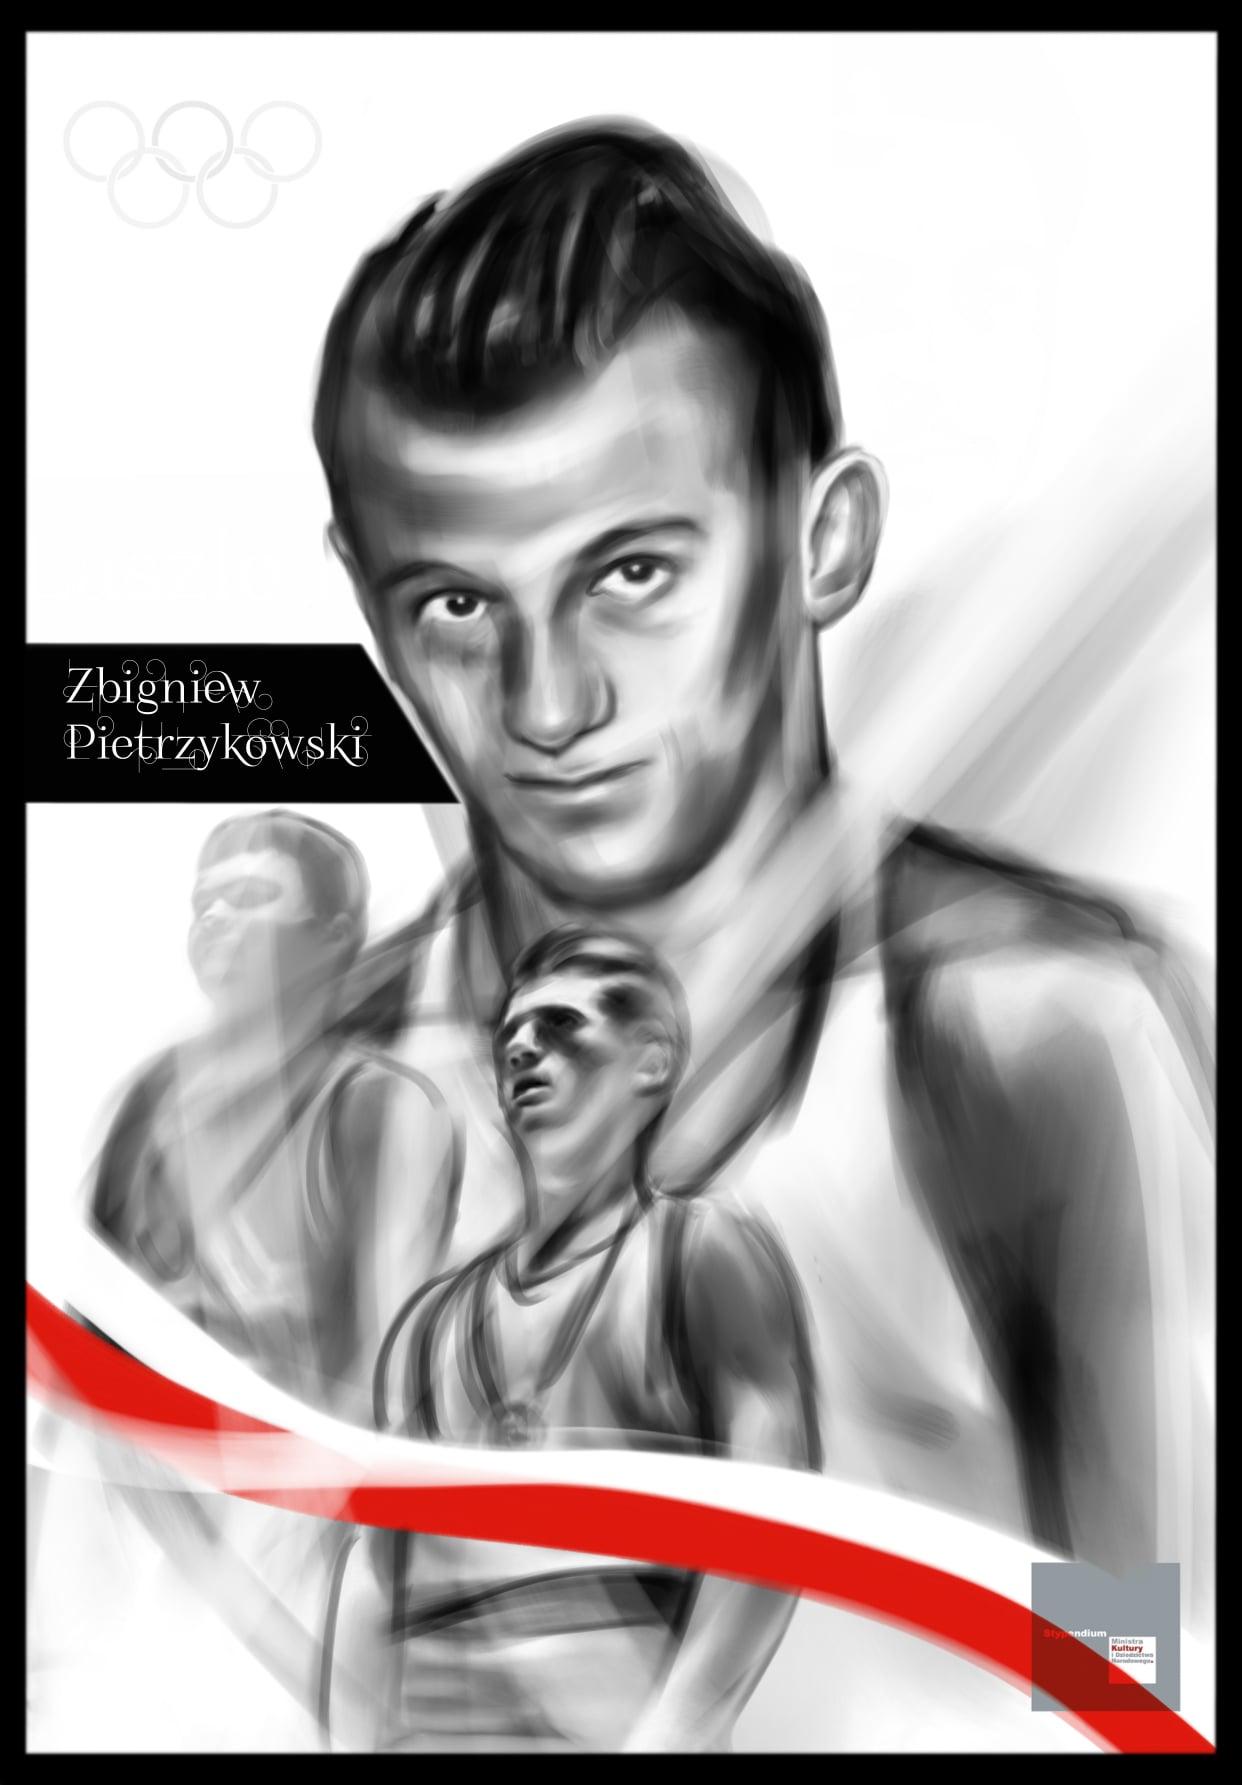 Zbigniew Pietrzykowski MKIDN Kultura w sieci - WORO Paweł Worobiej Manwith Passion